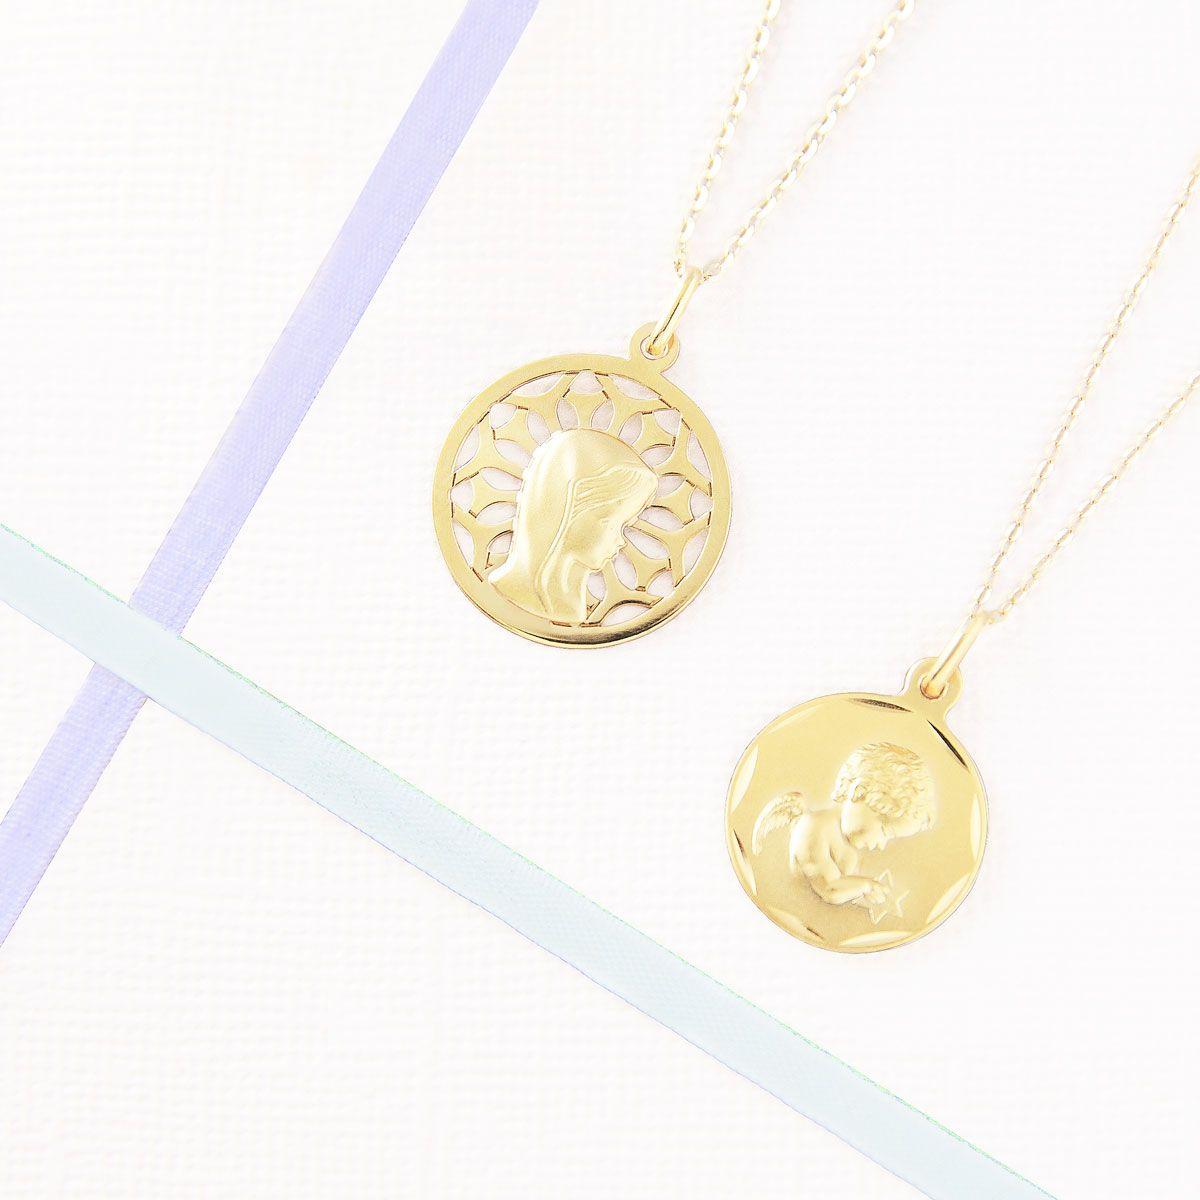 fb9f449118f3 Medallas de comunión en oro amarillo. Medalla virgen niña y colgante de  angelito con cadena